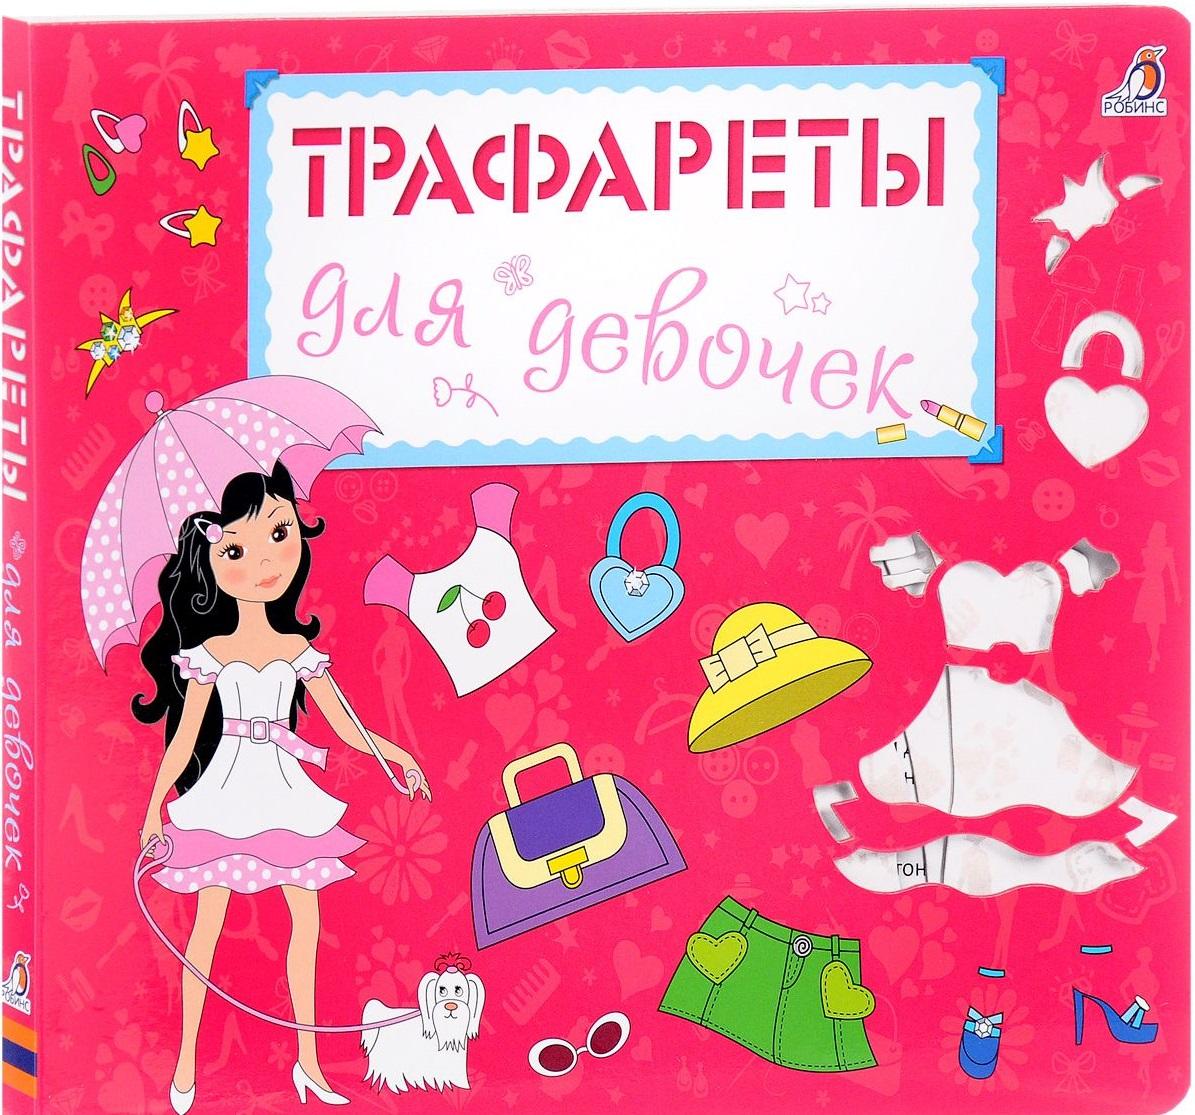 Книга для рисования - Трафареты для девочекКниги для детского творчества<br>Книга для рисования - Трафареты для девочек<br>